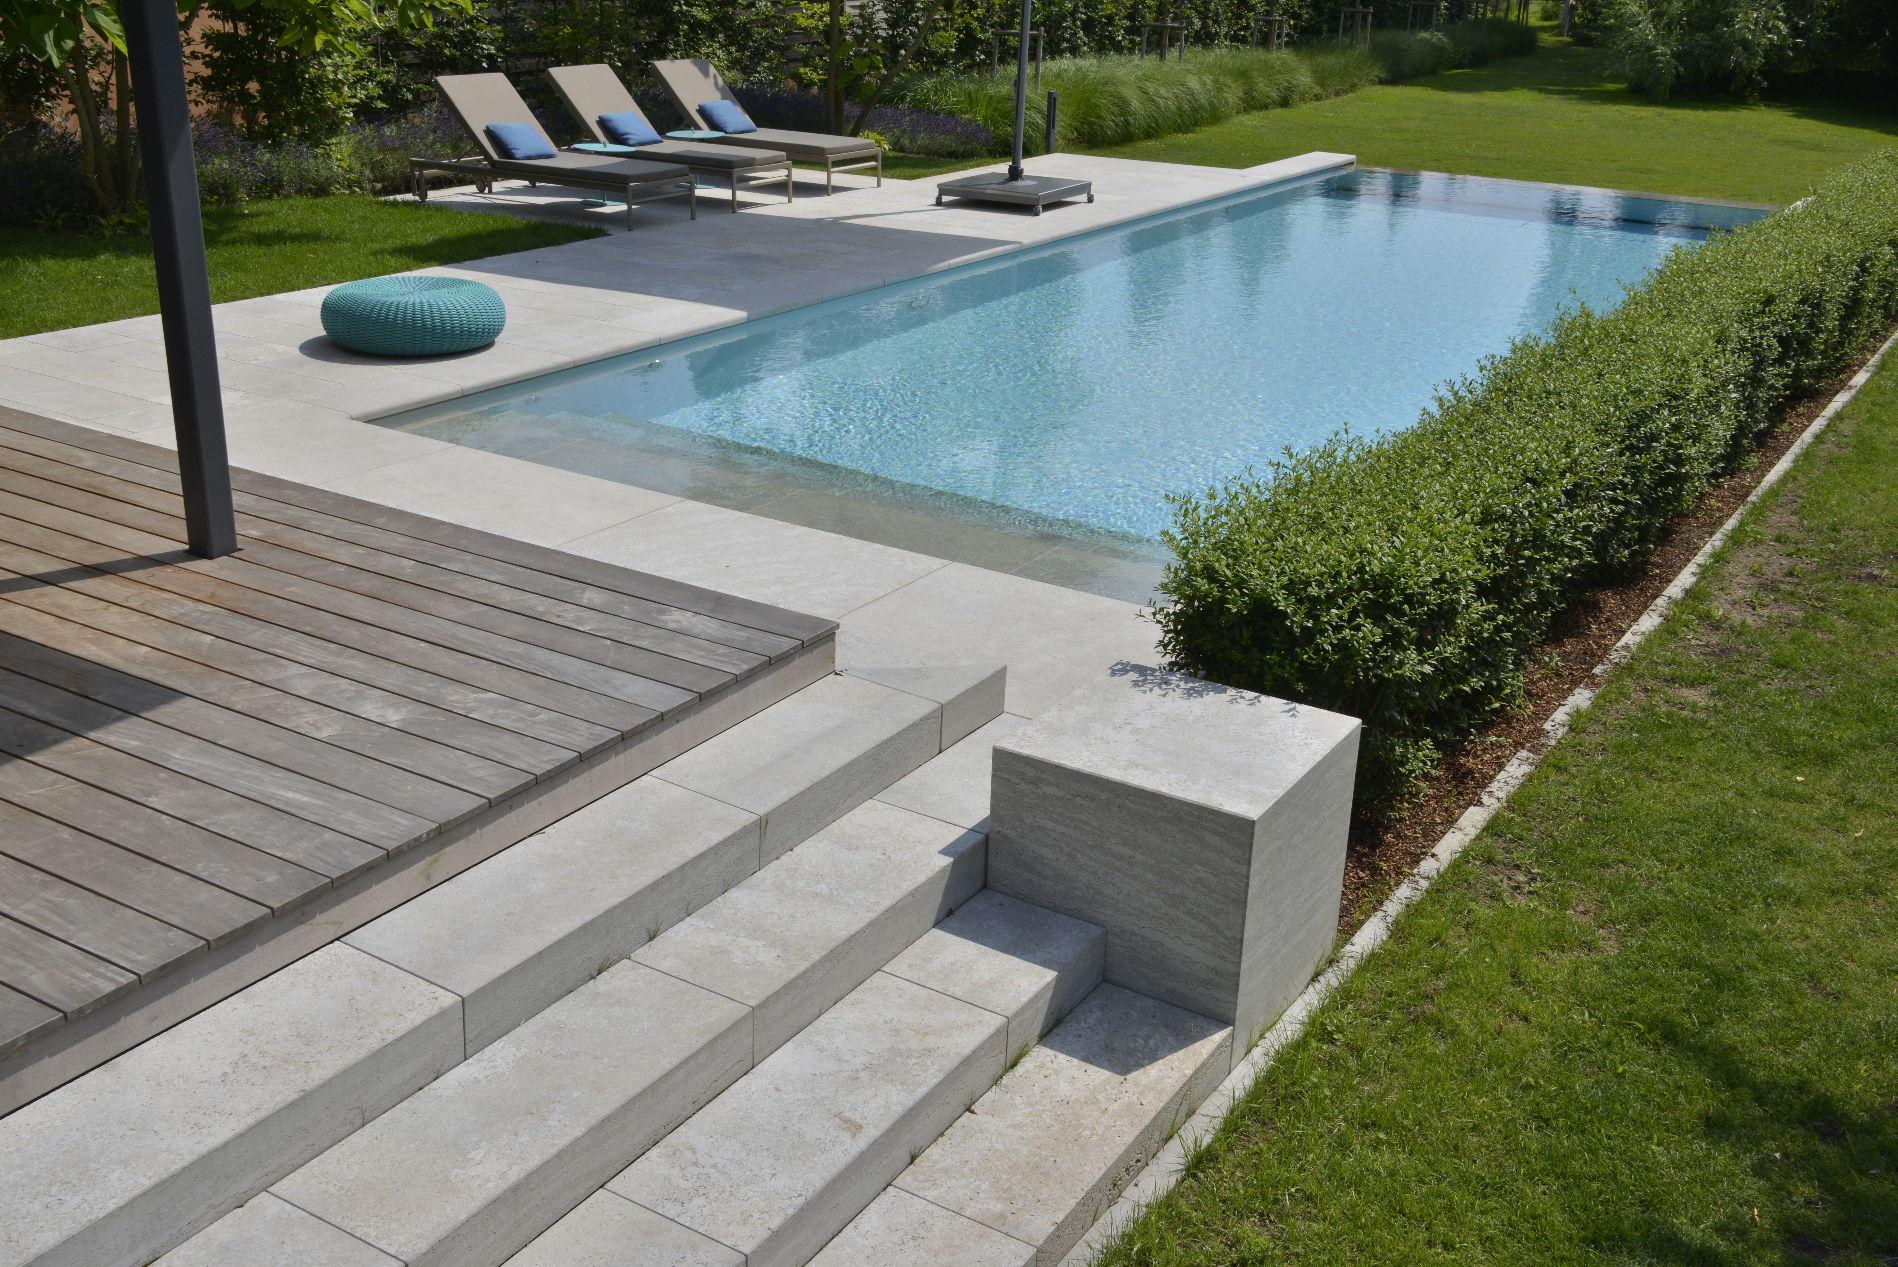 Blockstufen, Bodenplatten und Poolumrandung aus Muschelkalk von TRACO